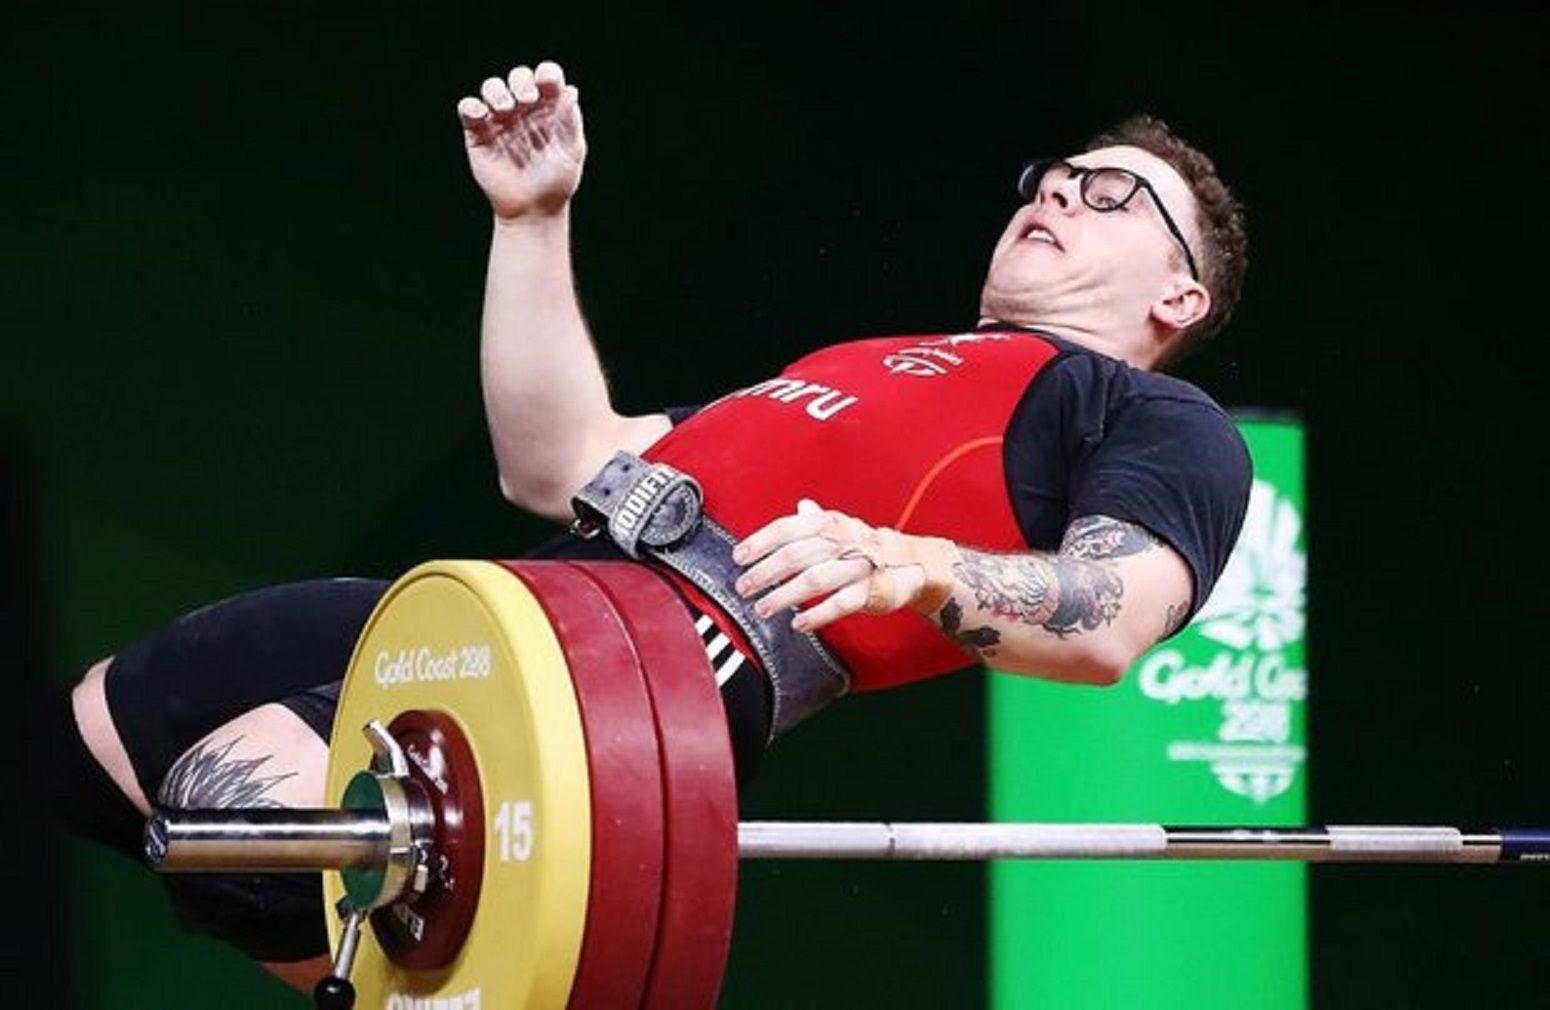 Escalofriante: el pesista Joshua Parry intentó levantar 160 kilos y se desvaneció